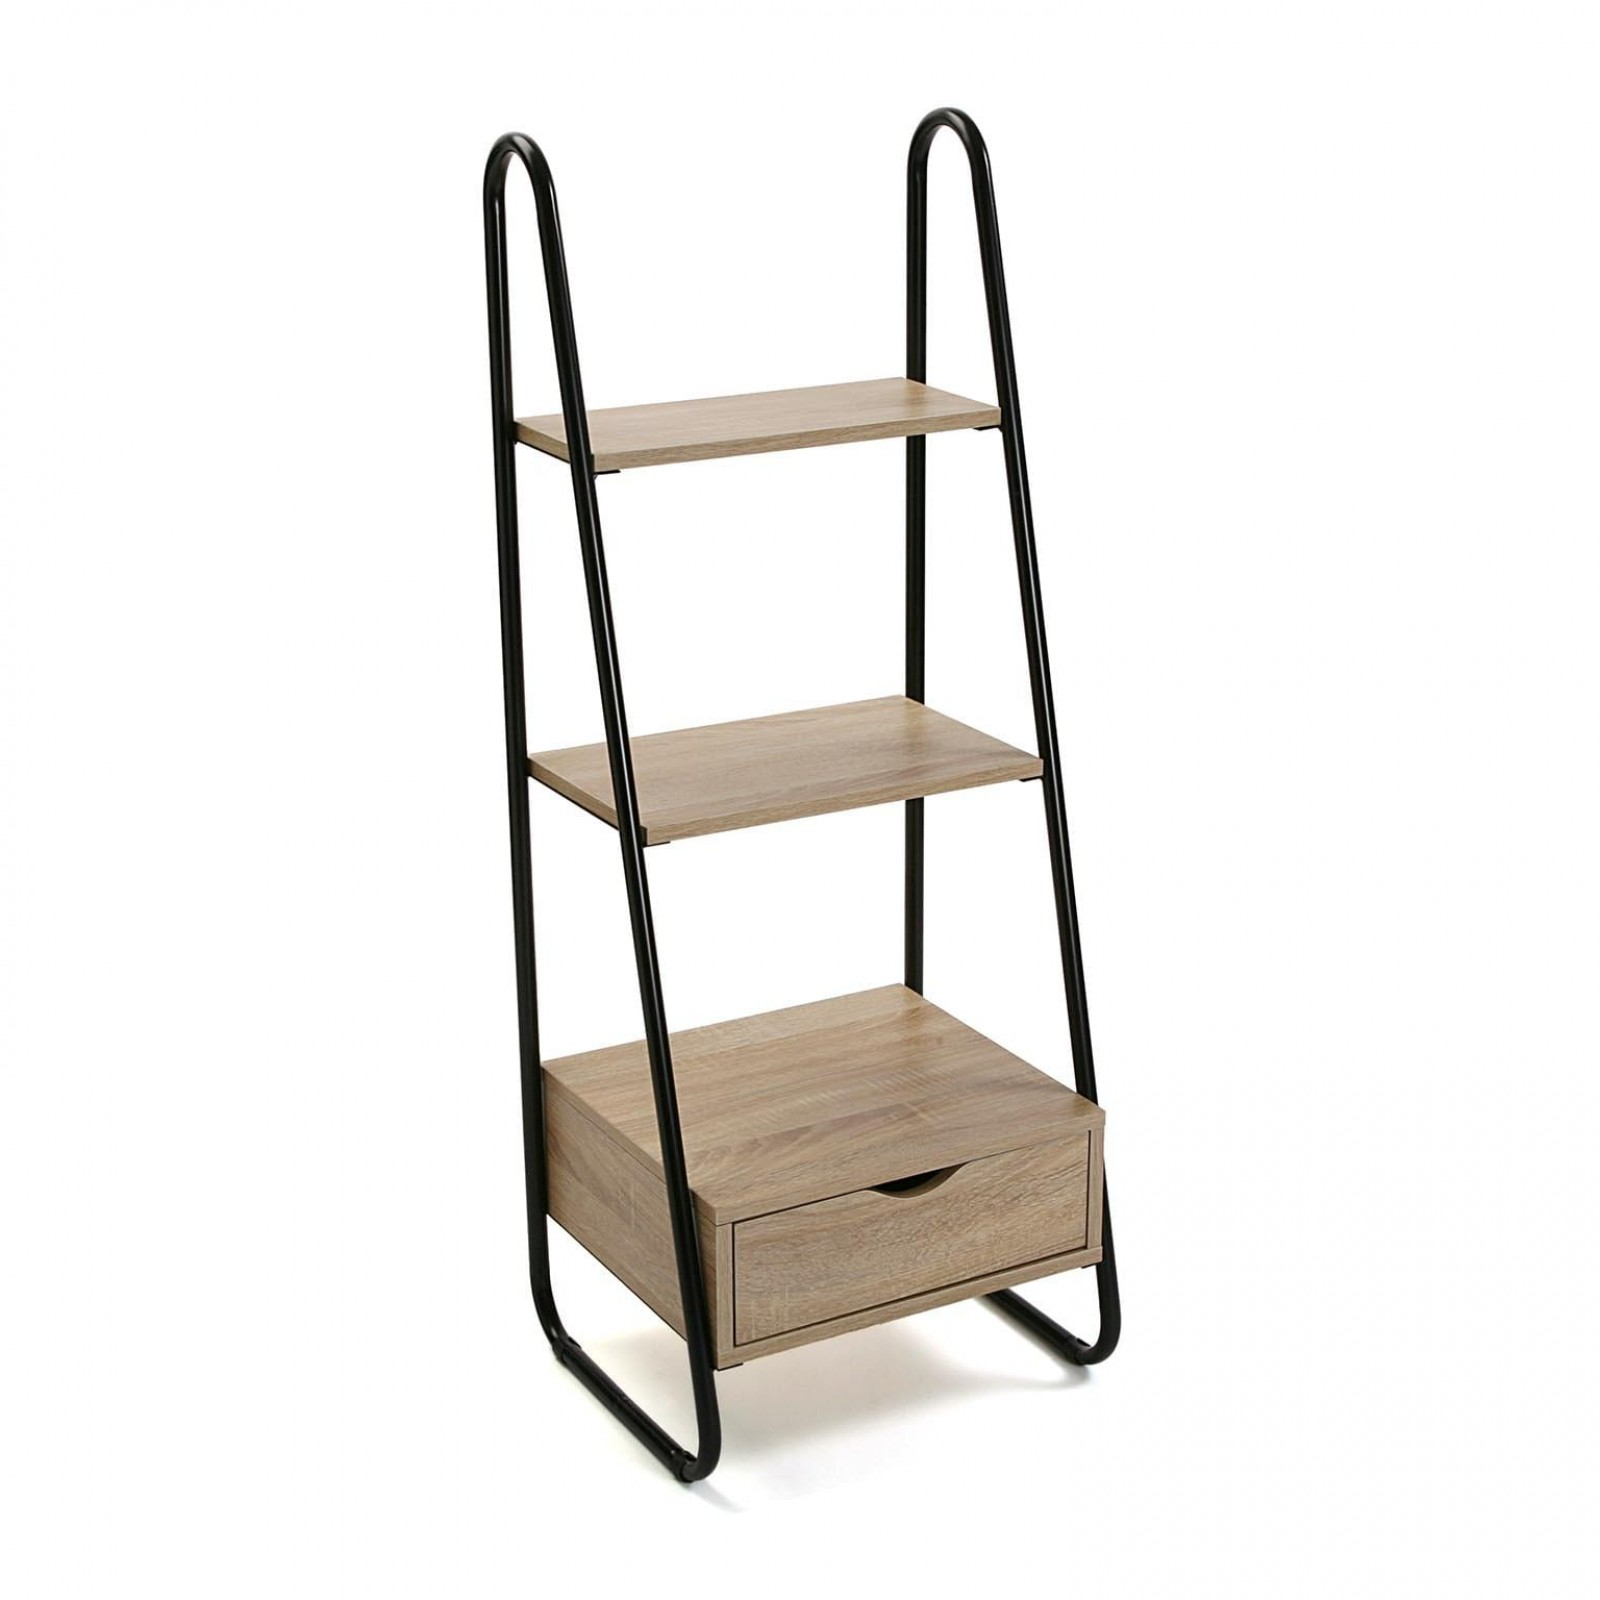 3-Tier Wooden Storage Rack (Black / Natural) - Versa